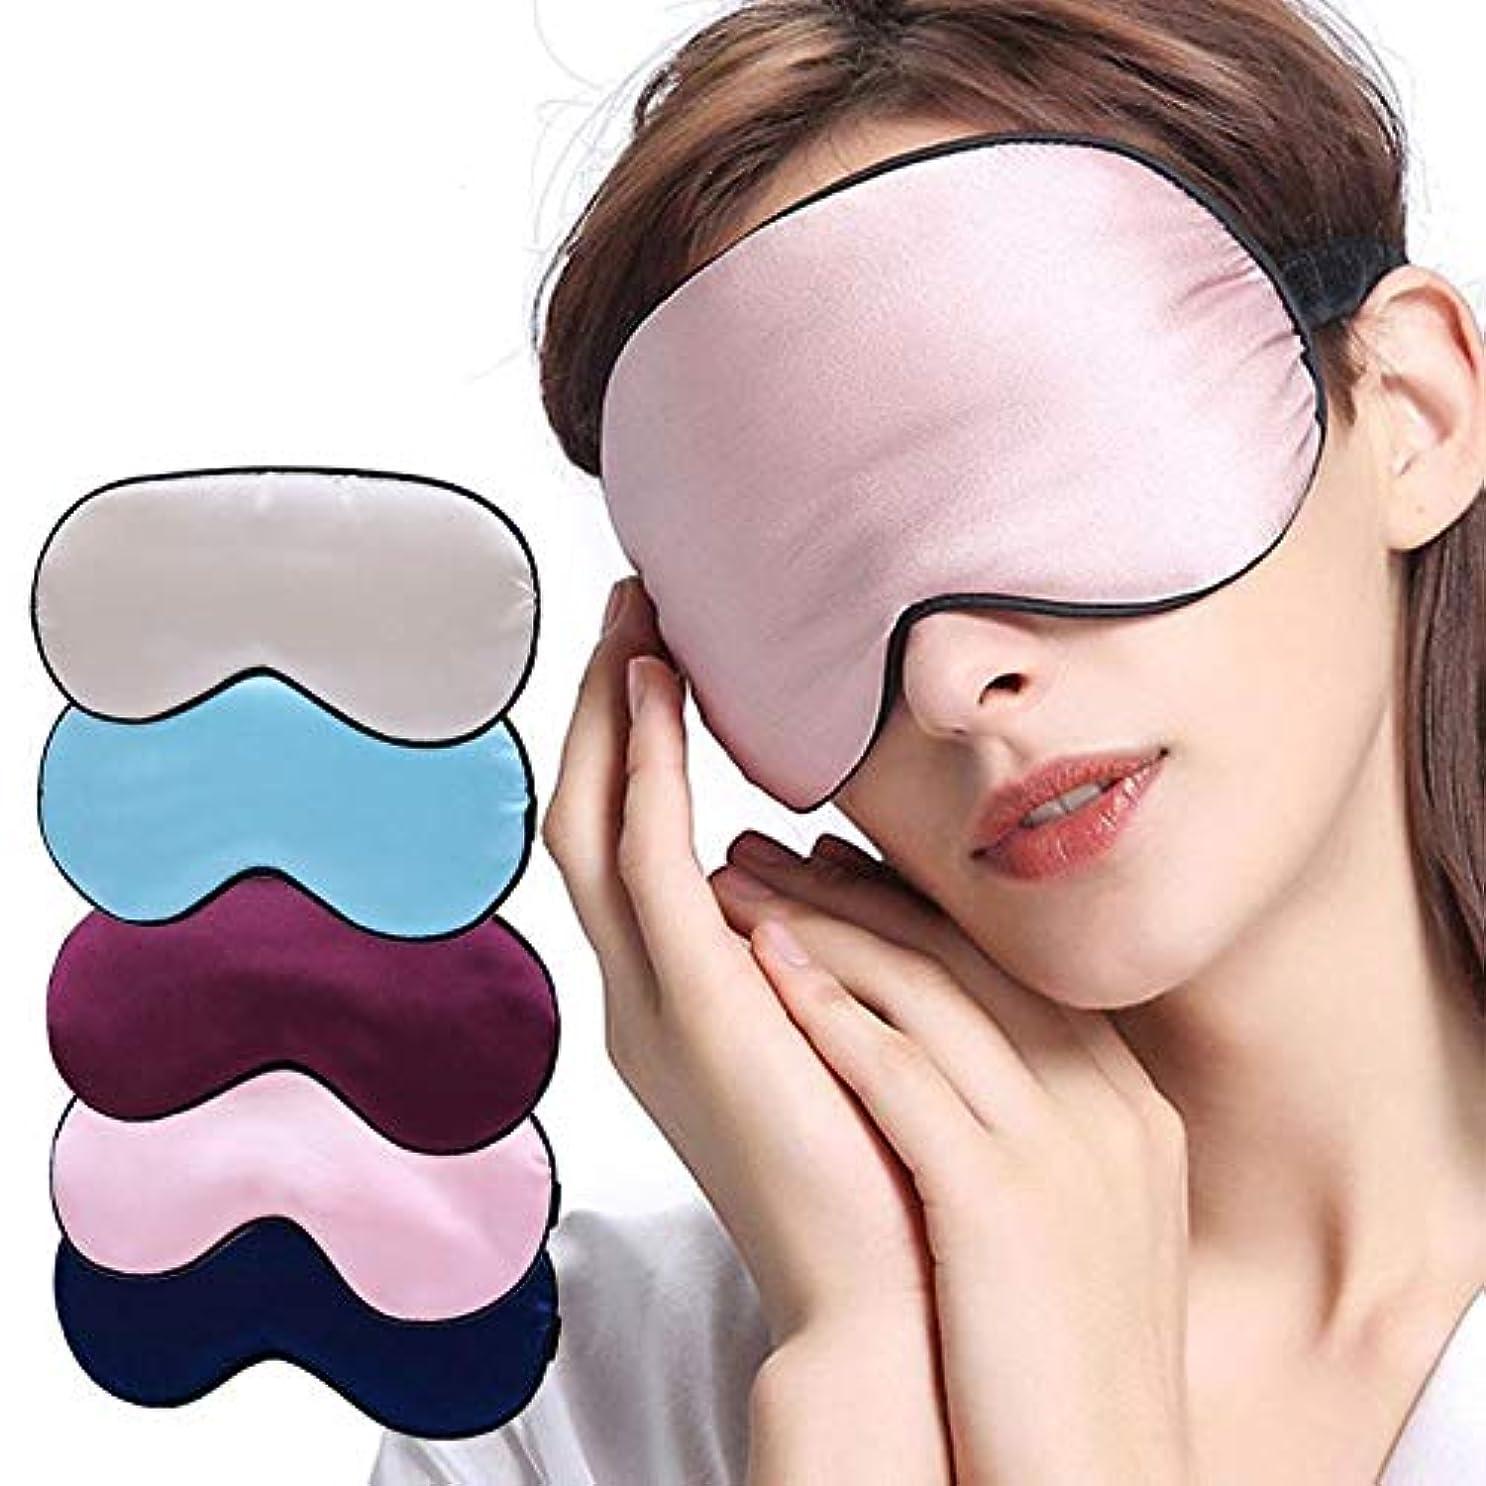 身元最初は継続中注意シルクスリープマスクしなやかアイシェードポータブルトラベルアイパッチ通気性のある休憩目隠しアイカバーナイトスリーピングマスクL3